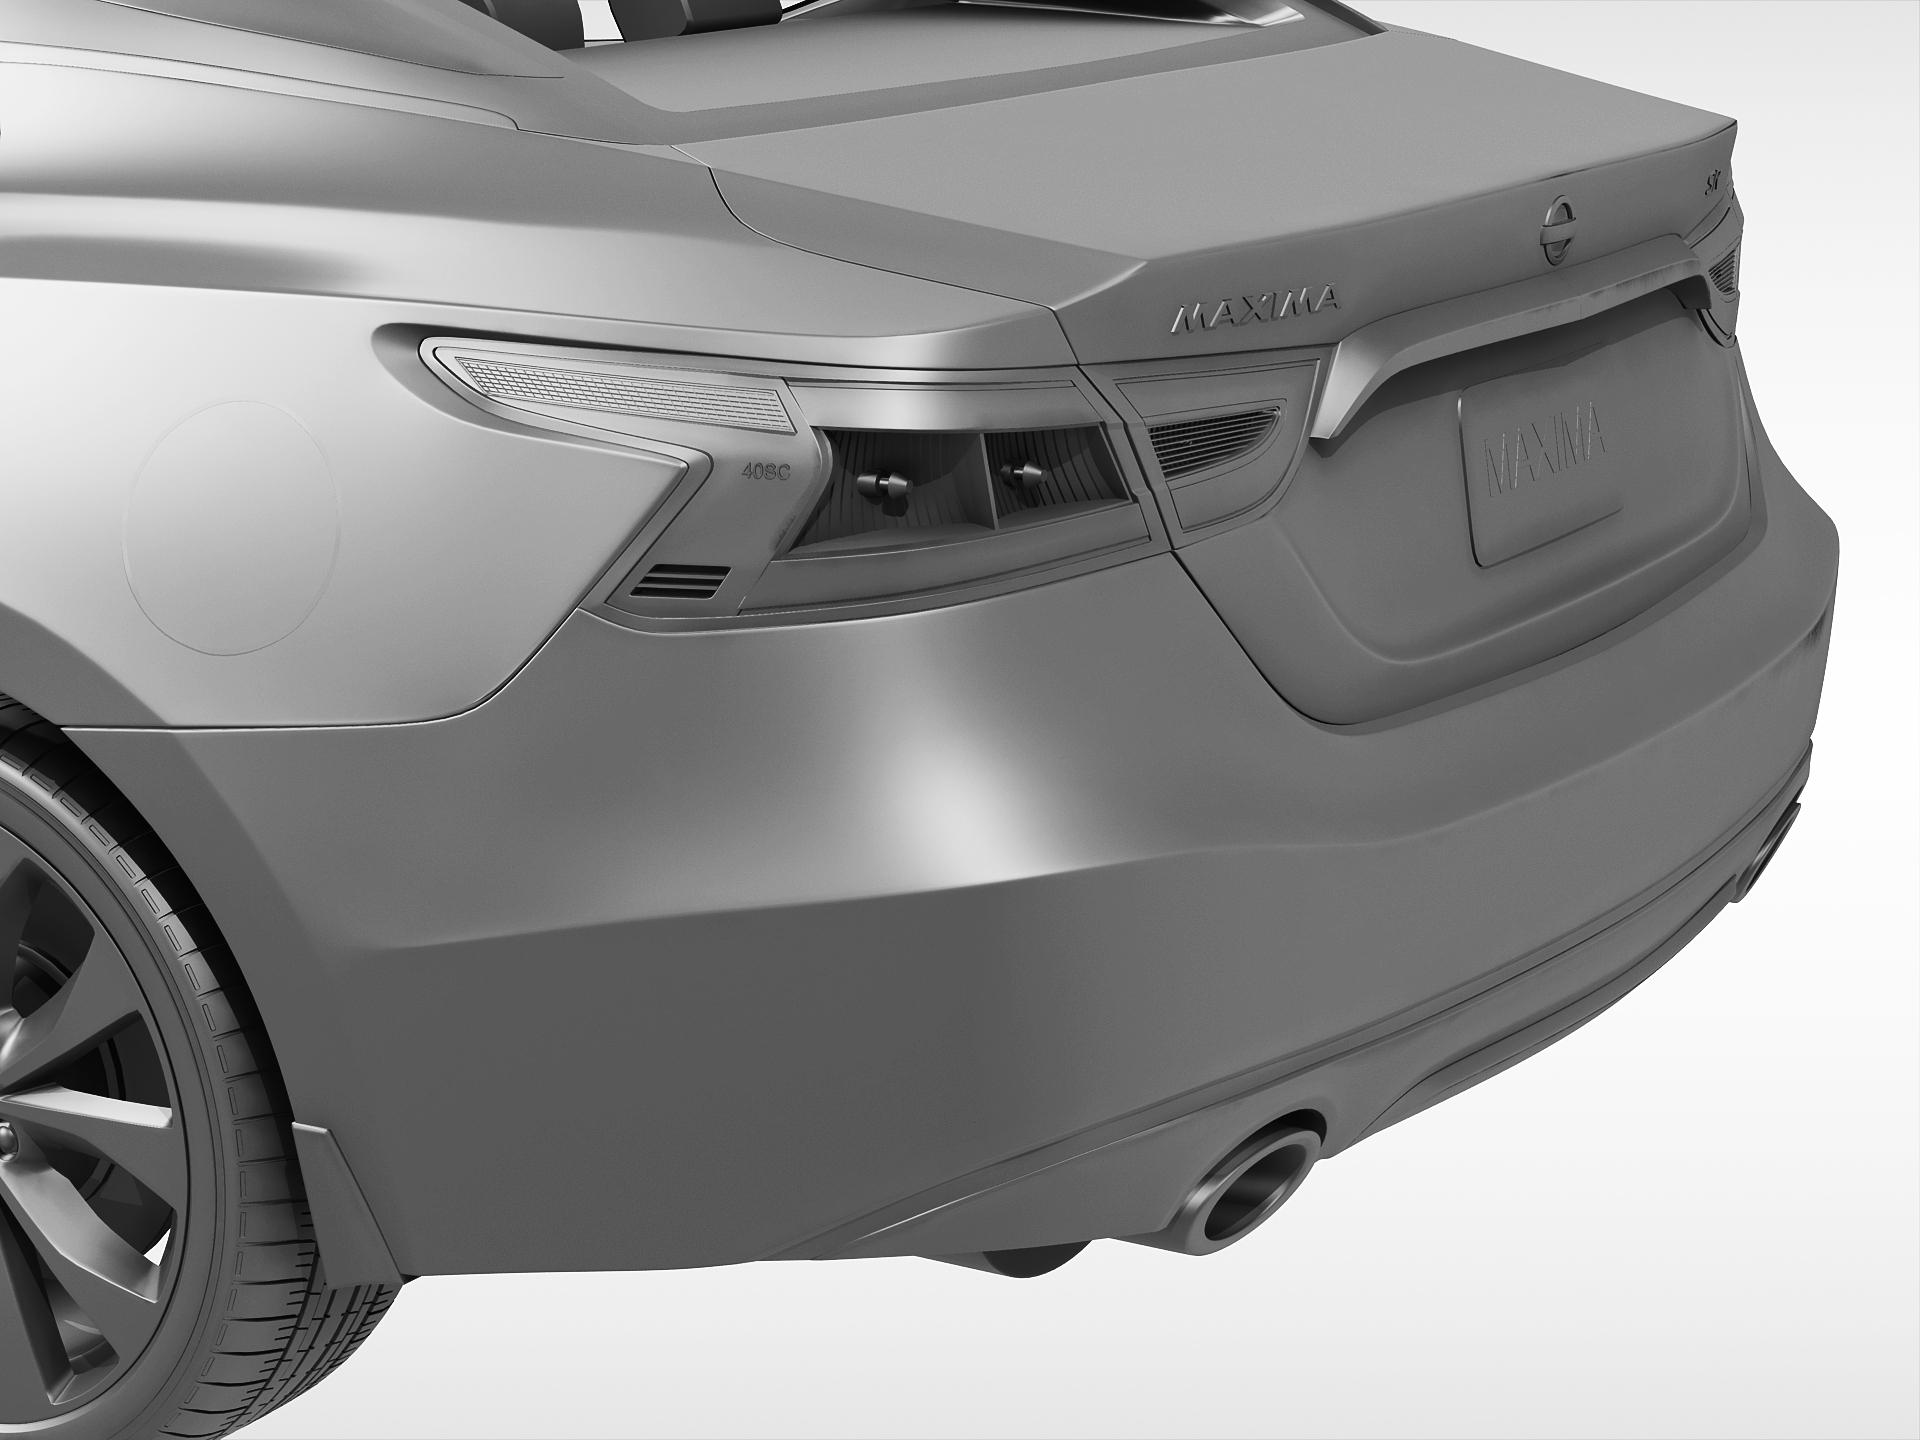 nissan maxima 2016 3d model vehicles 3d models auto 3ds max fbx obj ar vr. Black Bedroom Furniture Sets. Home Design Ideas